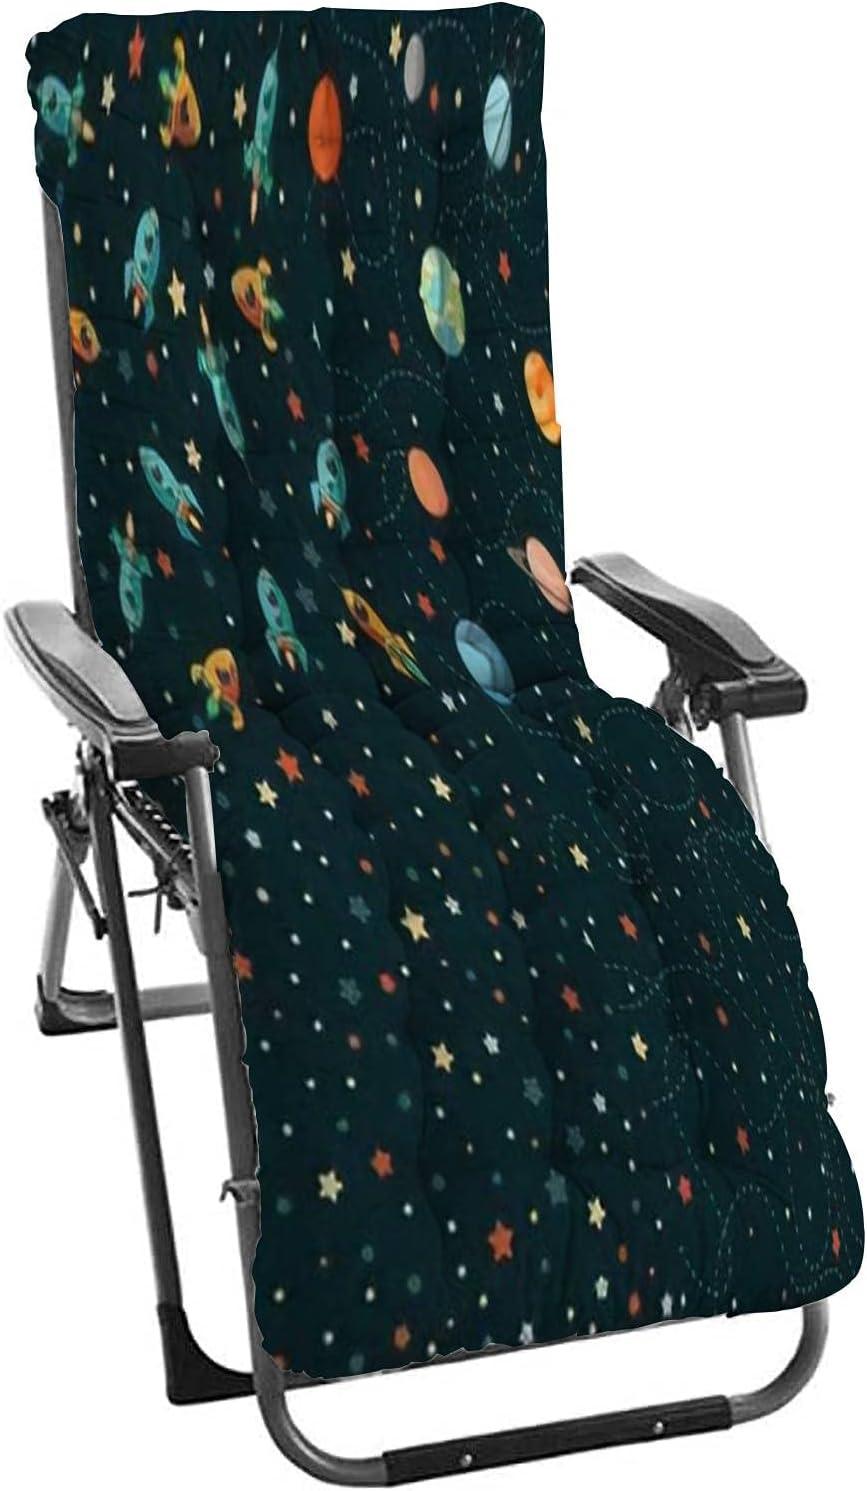 Sun Loungers Cushions San Francisco Mall Zero Gravity Four Atlanta Mall Seamless Chairs Cushion